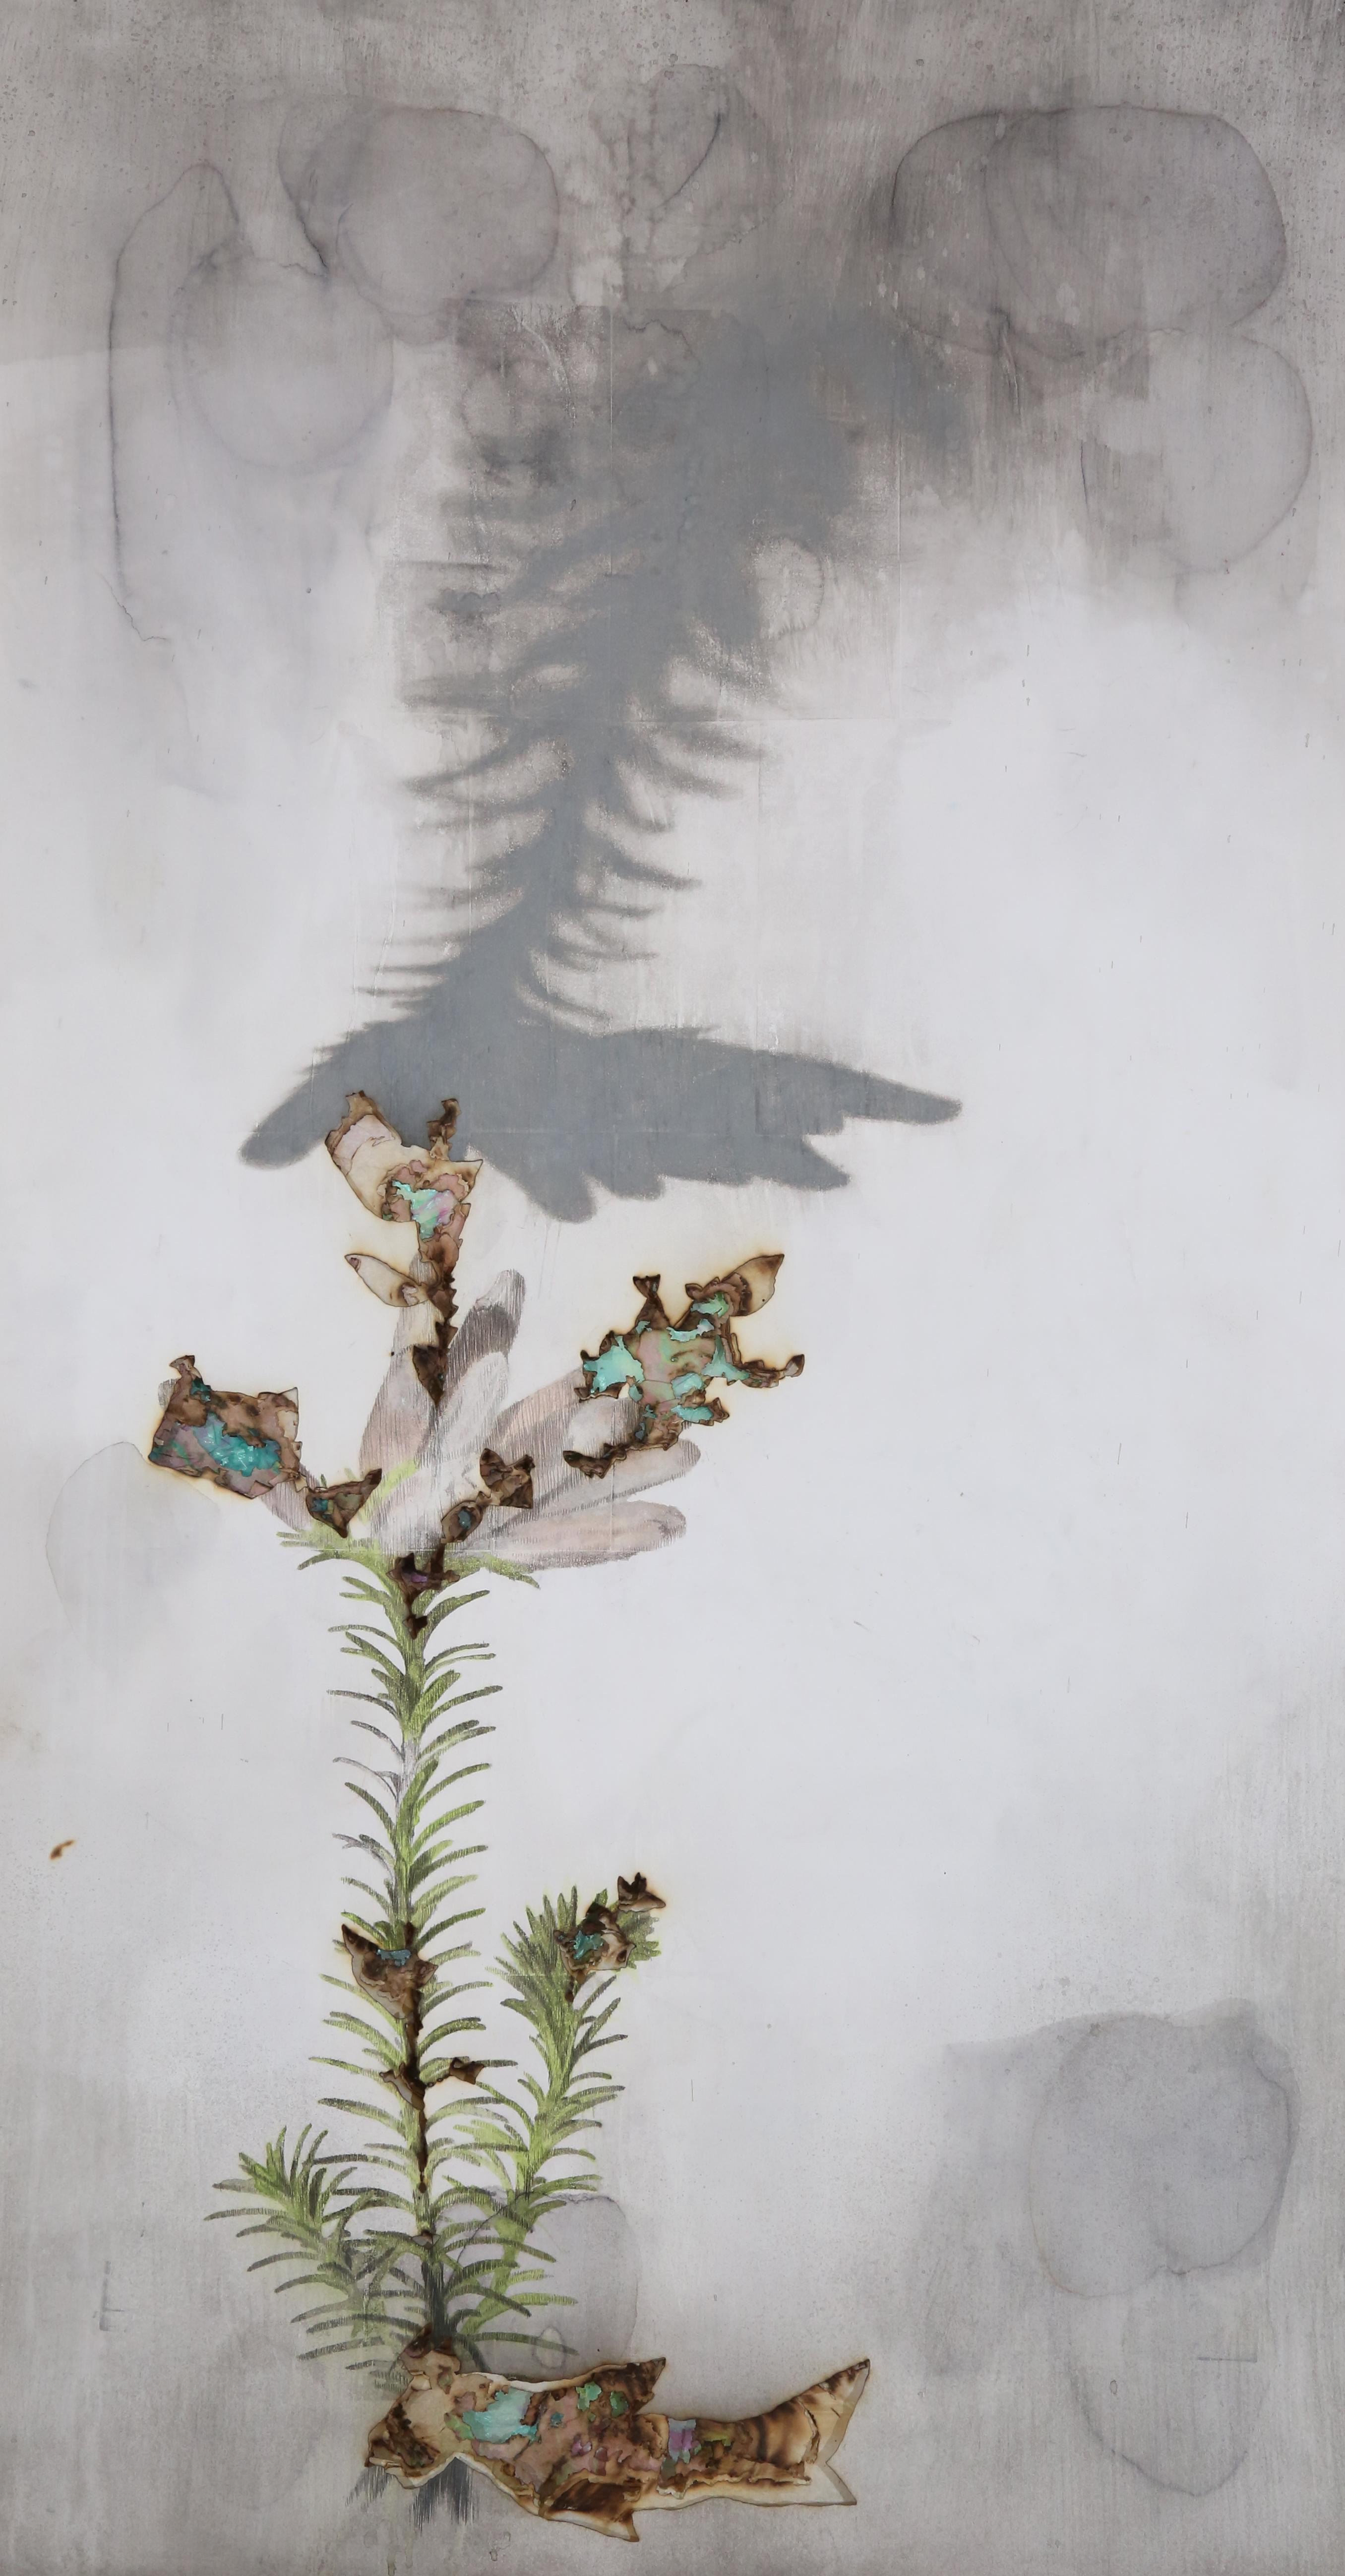 Le portrait des plantes,Erica